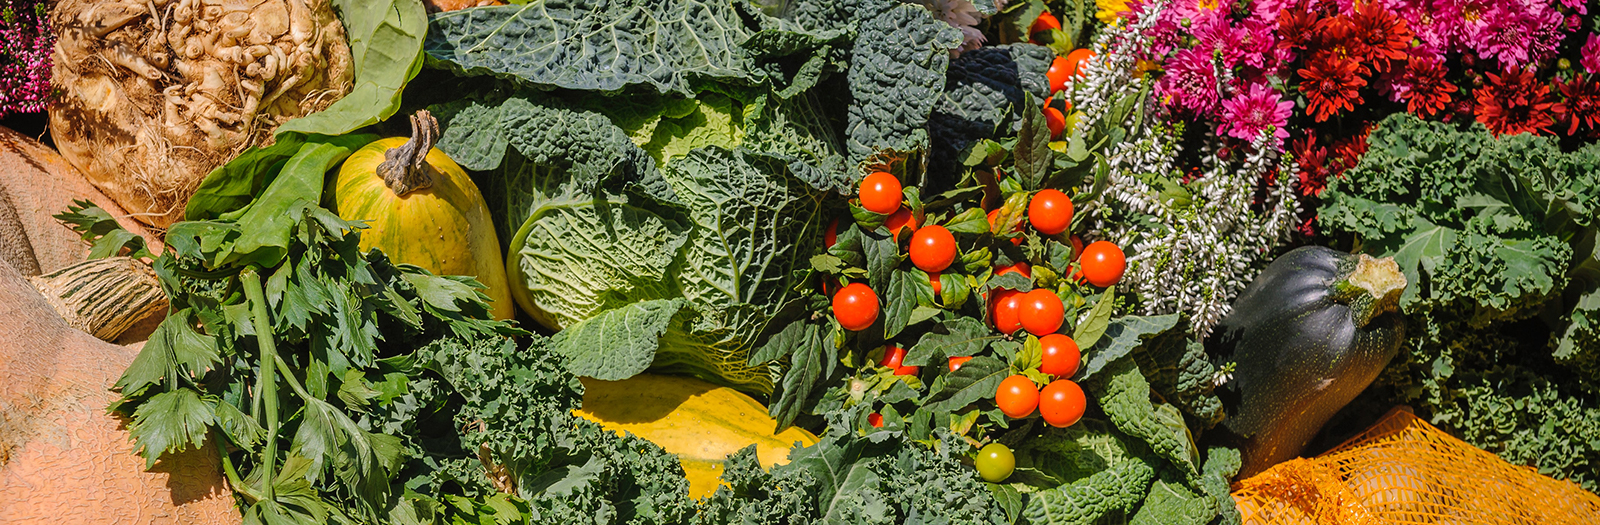 abundance of produce